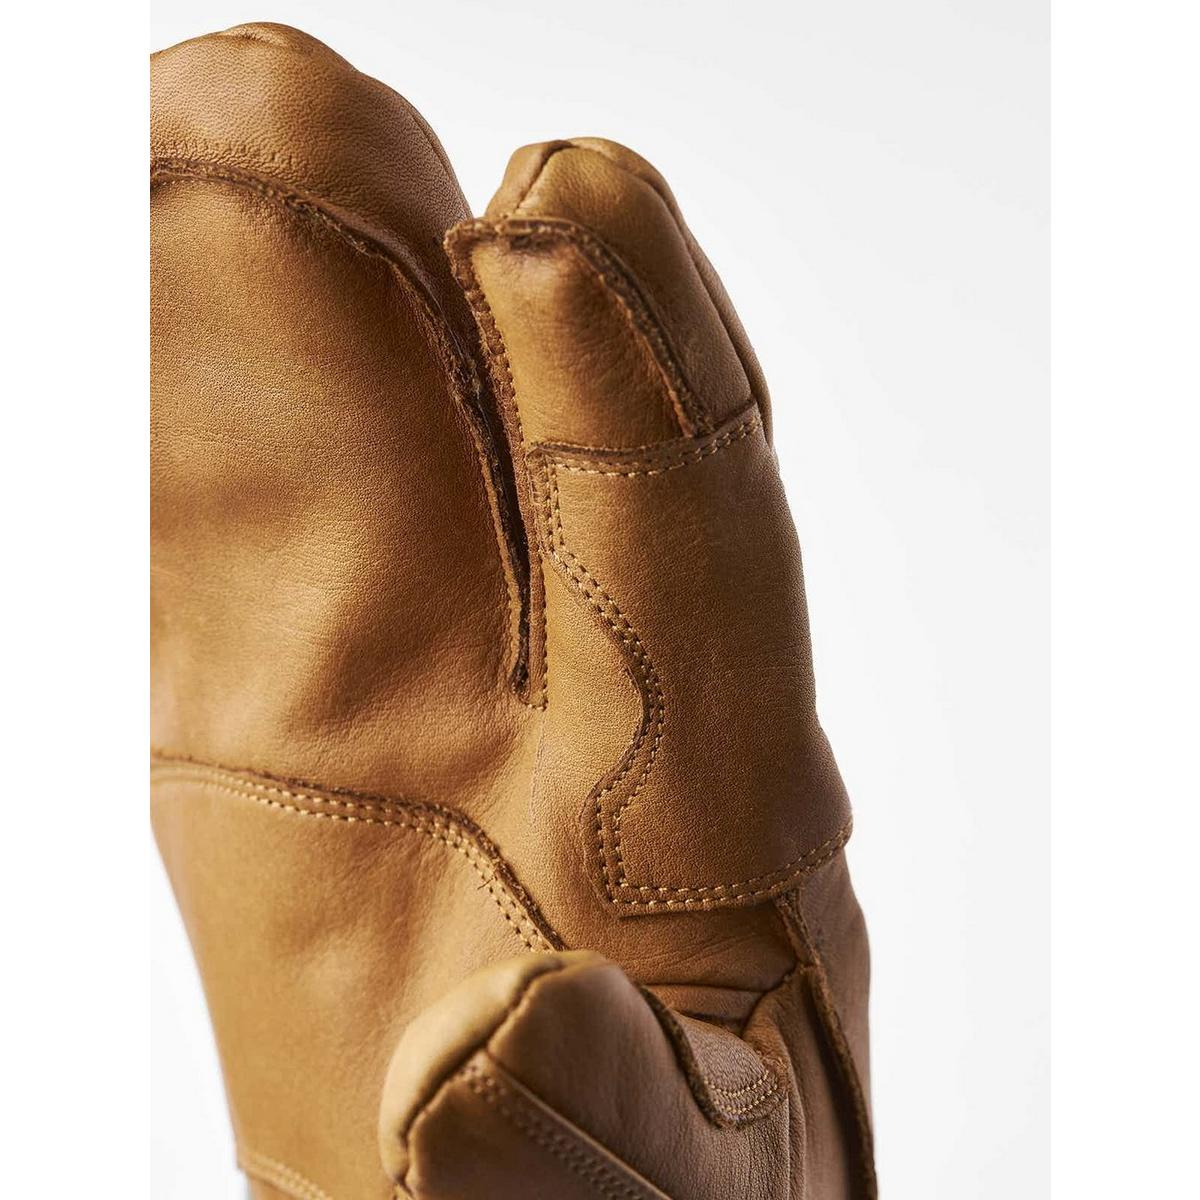 Hestra Men's Leather Fall Line 3-Finger Glove - Cork